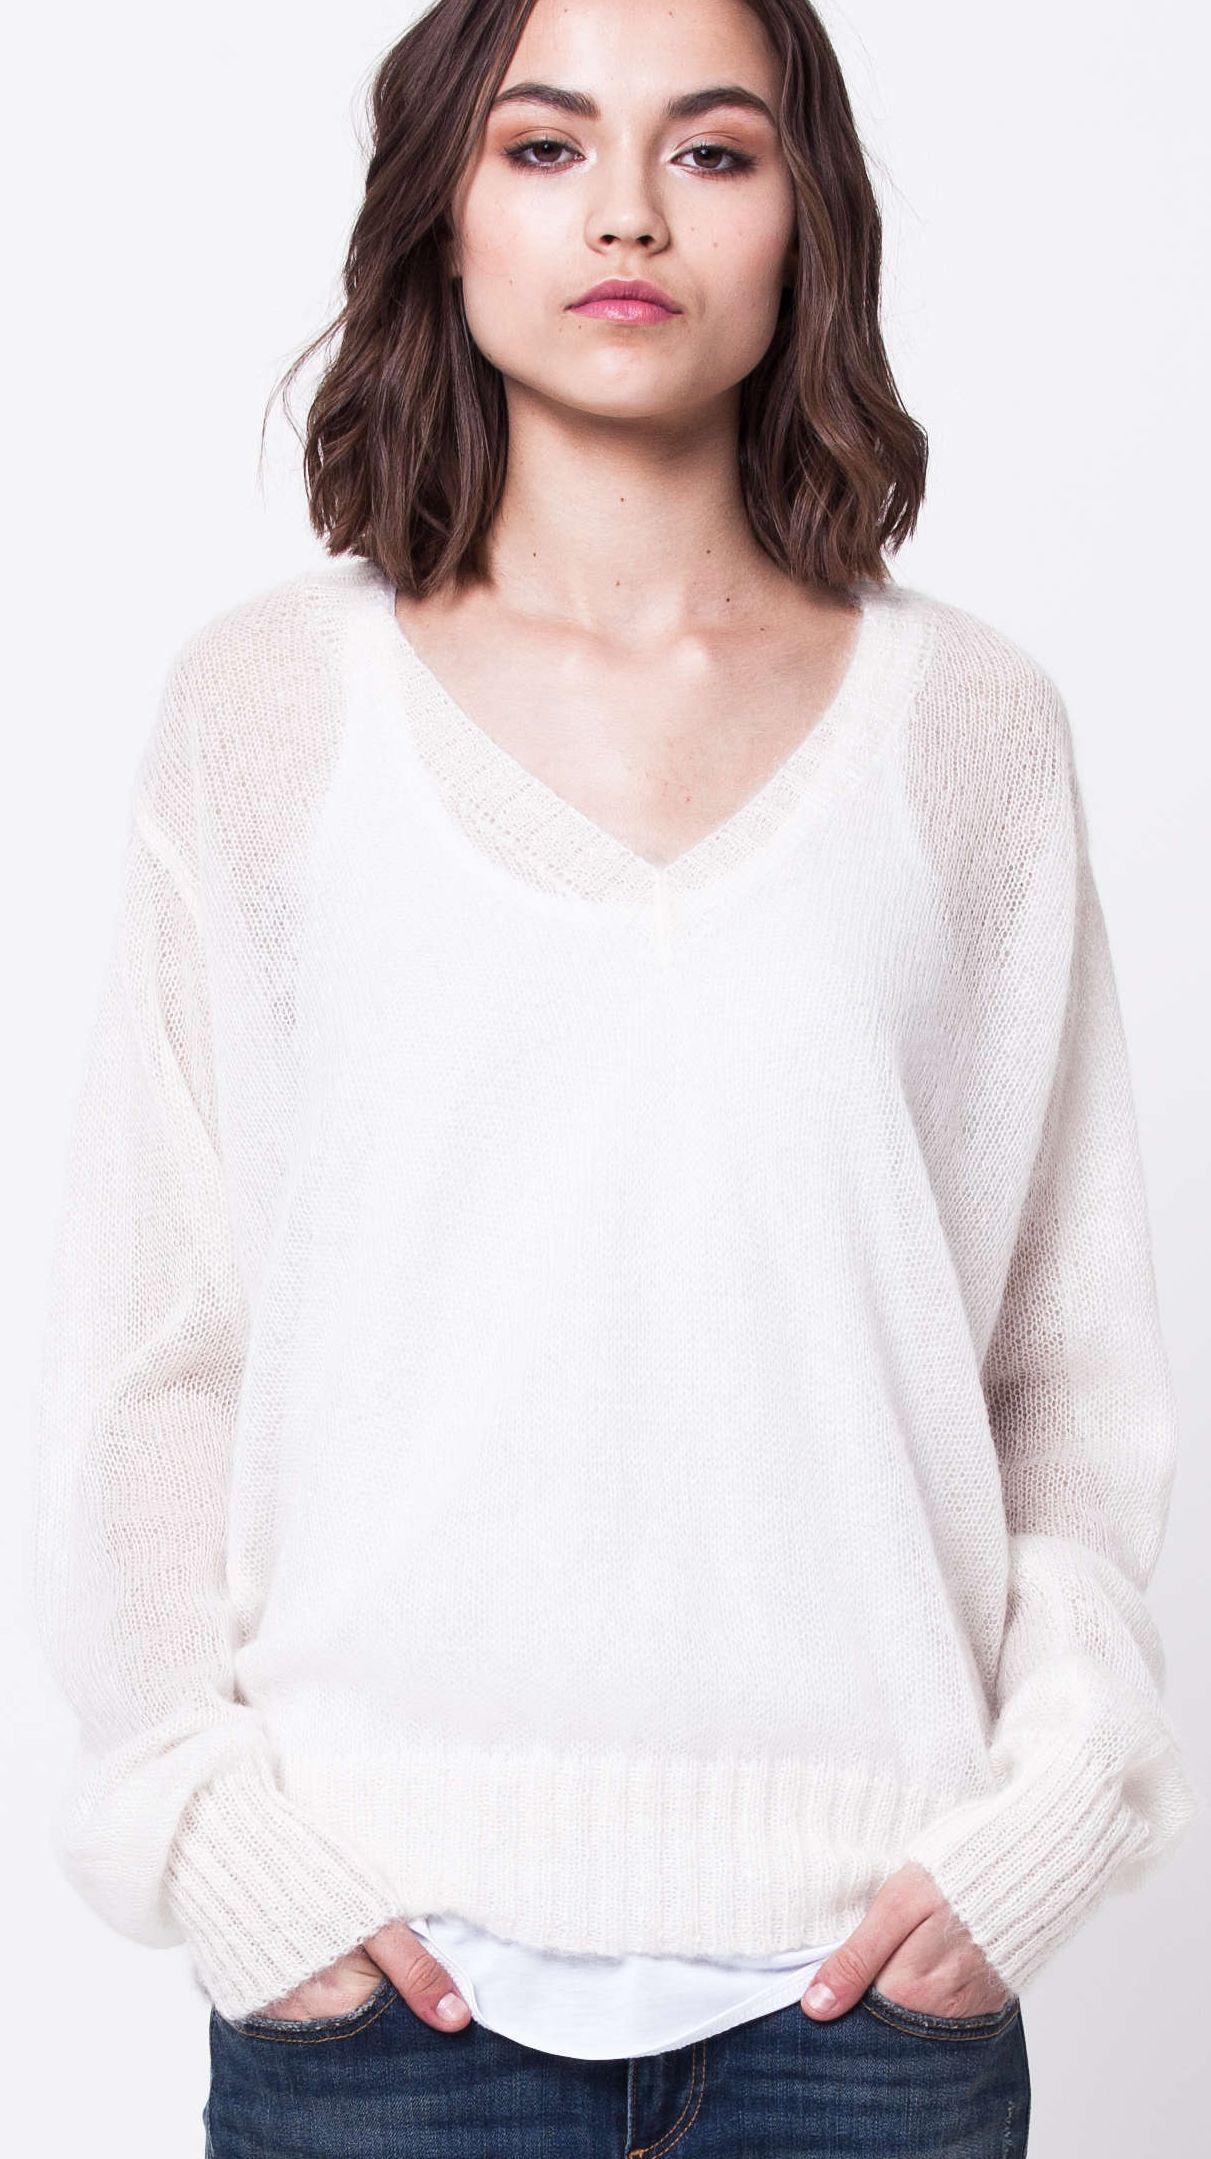 damen pullover white v neck mohair sweater linn krista elsta  white v neck mohair sweater linn